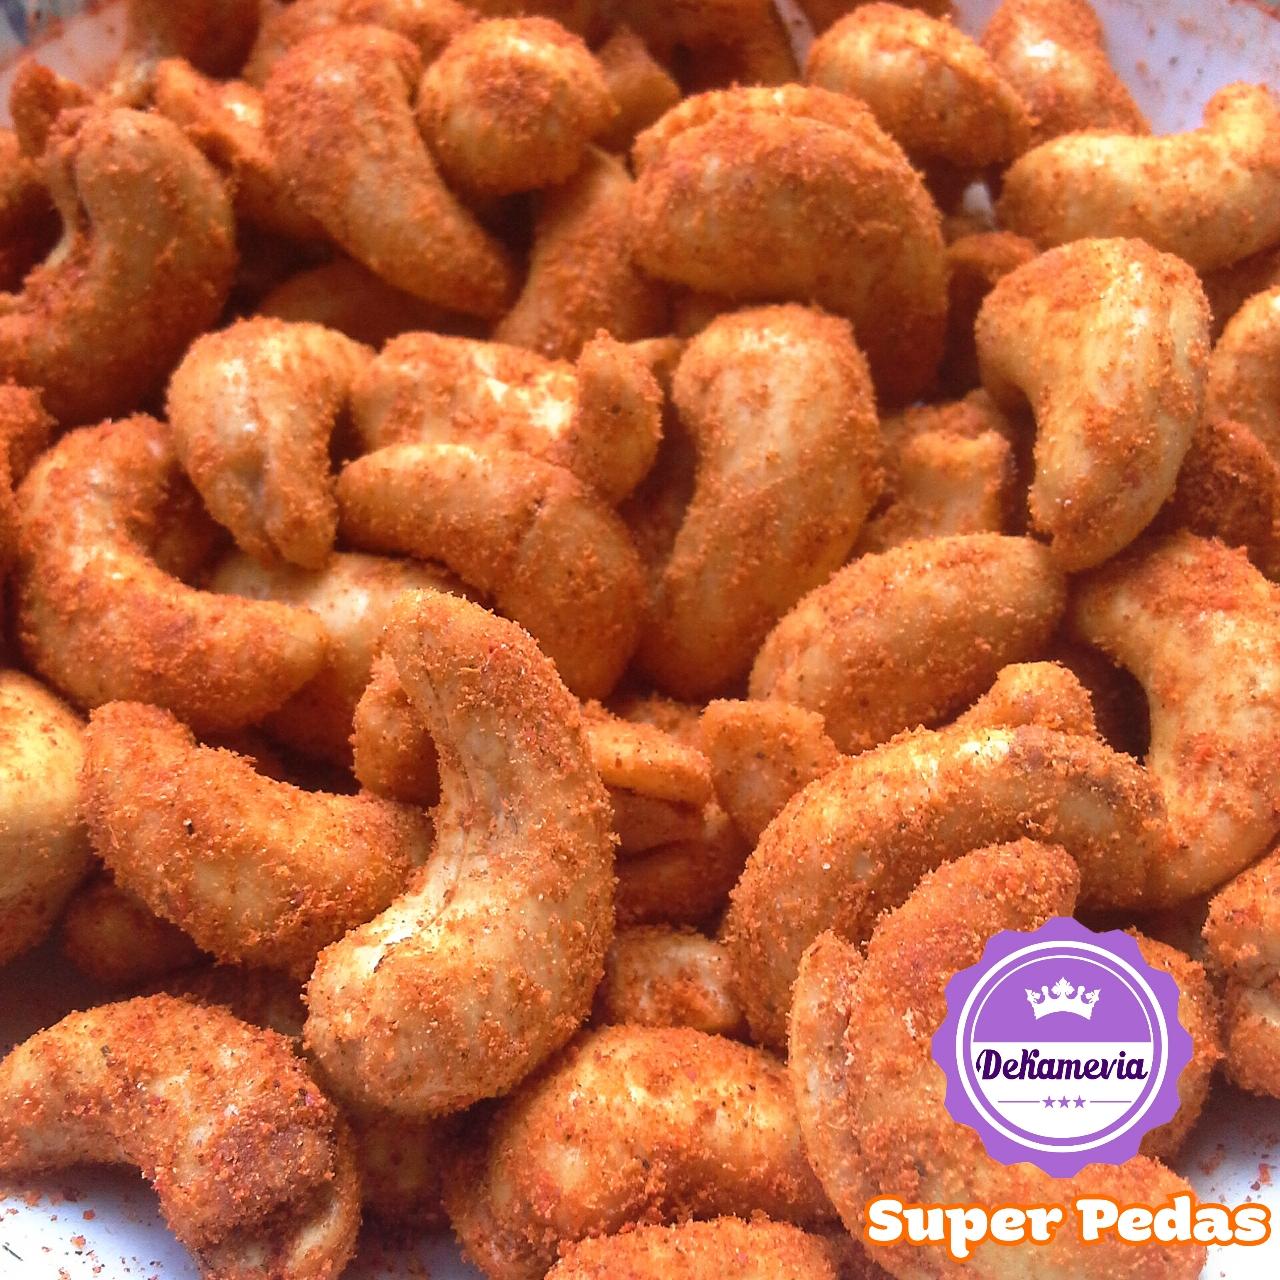 Supplier Kacang Mede Pedas 500gr Referensi Daftar Harga Mete Cashew Nut Utuh Balado Sambalado Premium 500 Gram Jual Rasa Bbq Karamel Keju